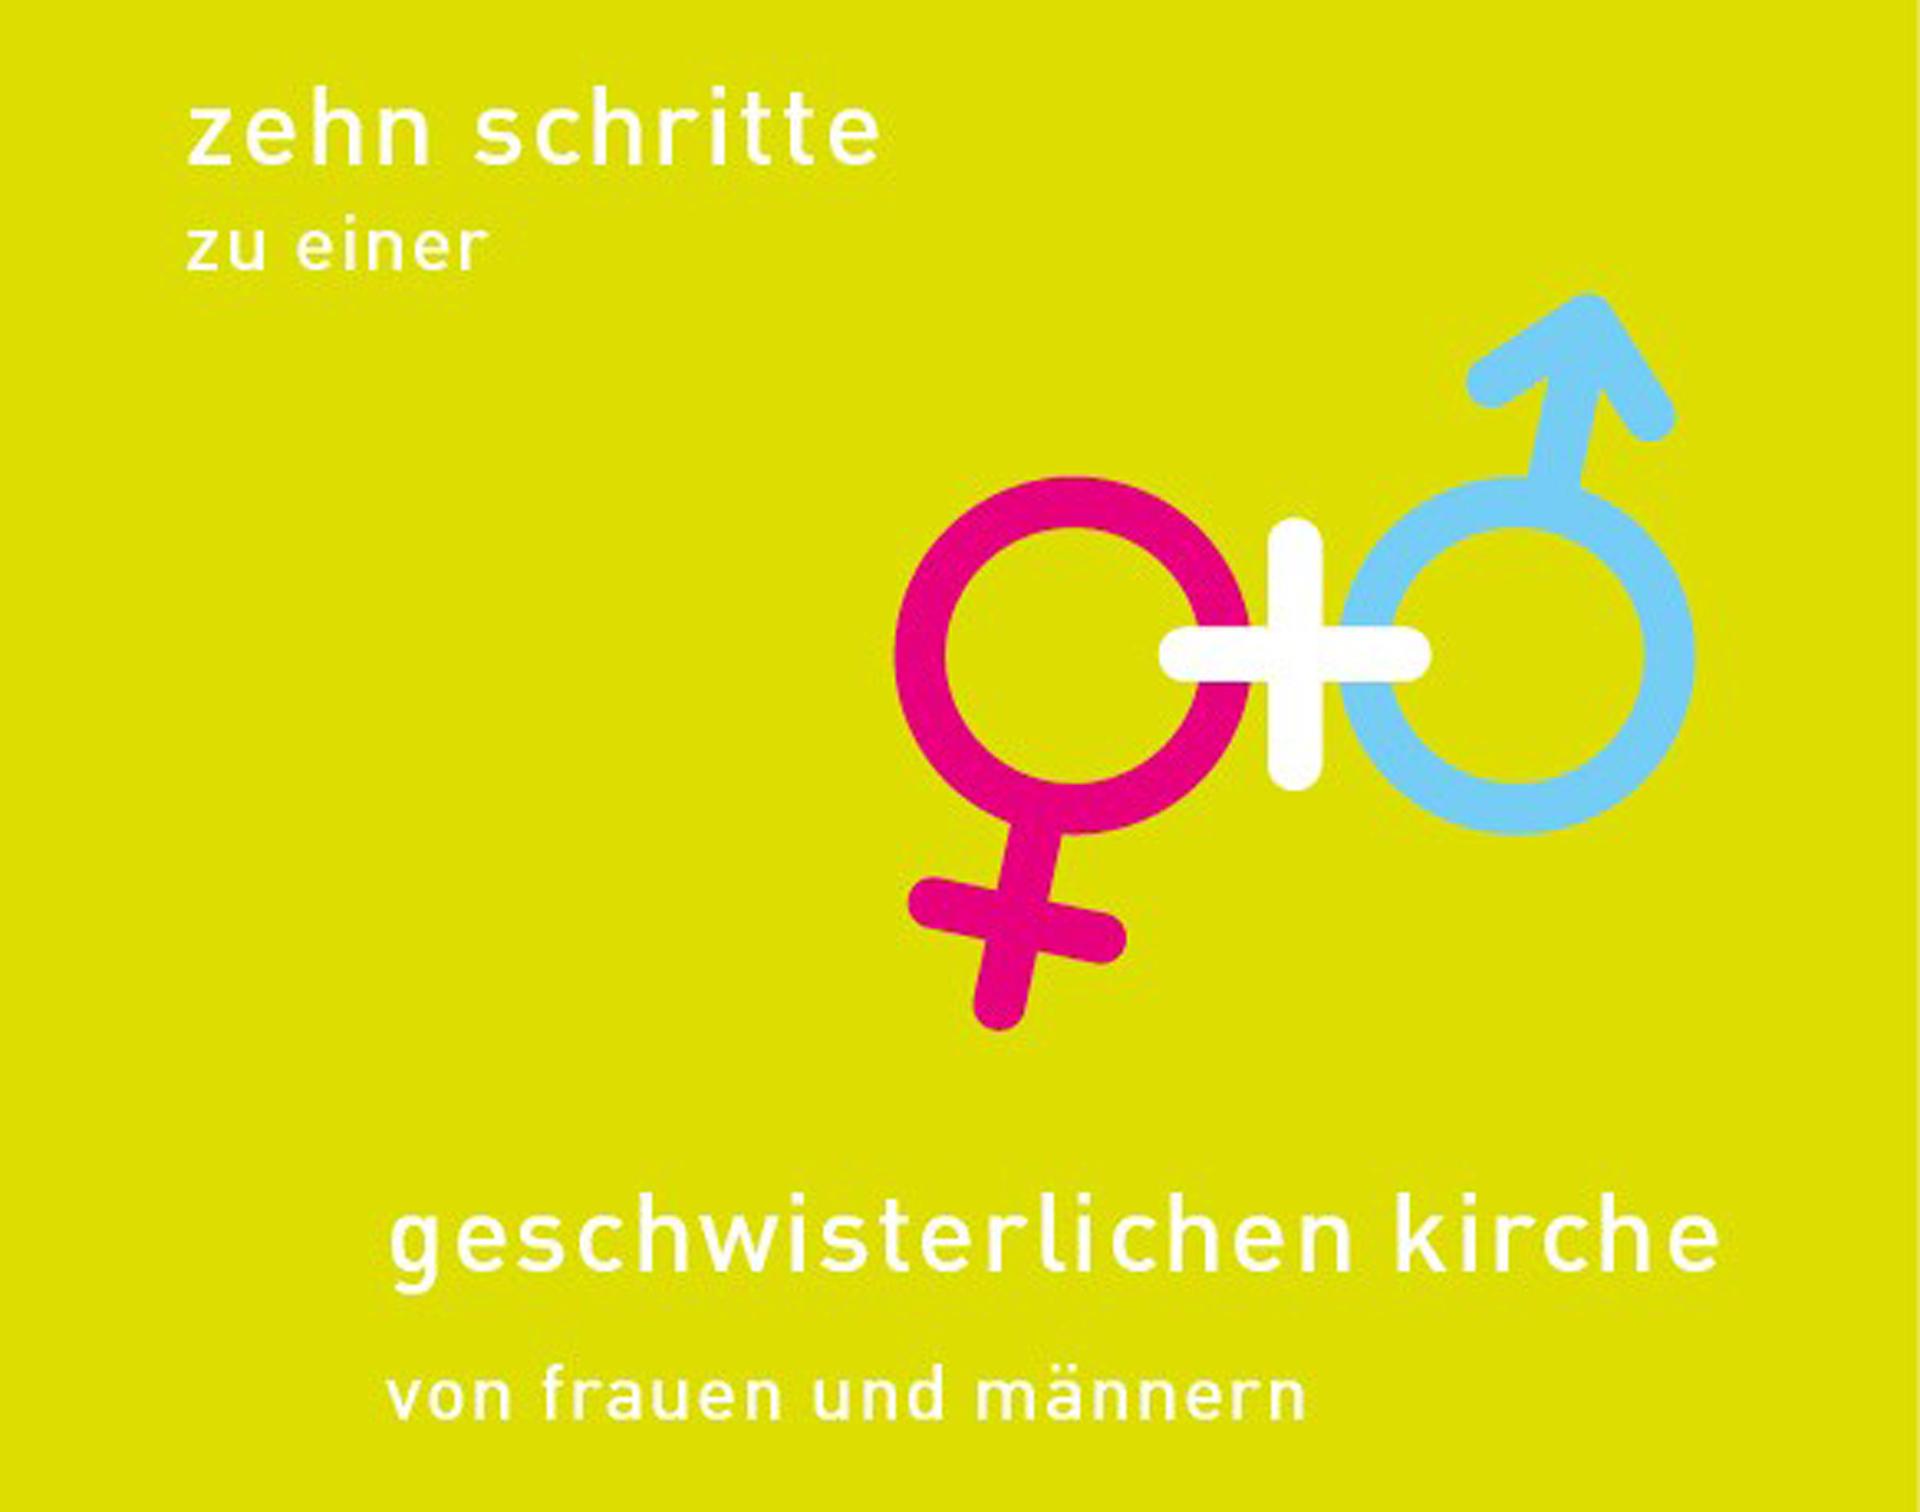 © 2021 Katholische Kirche im Kanton Luzern